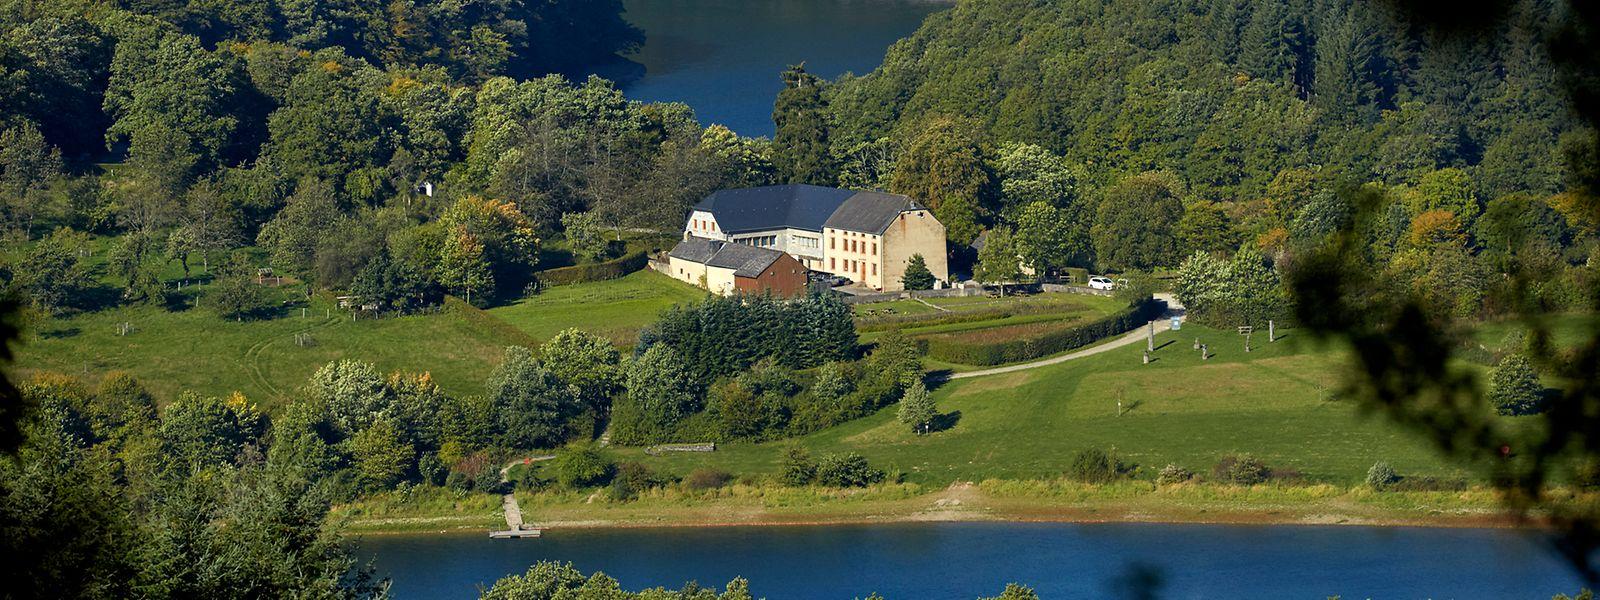 Le centre nature et forêt Burfelt à Insenborn constitue l'une des cinq ambassades de l'État de la nature